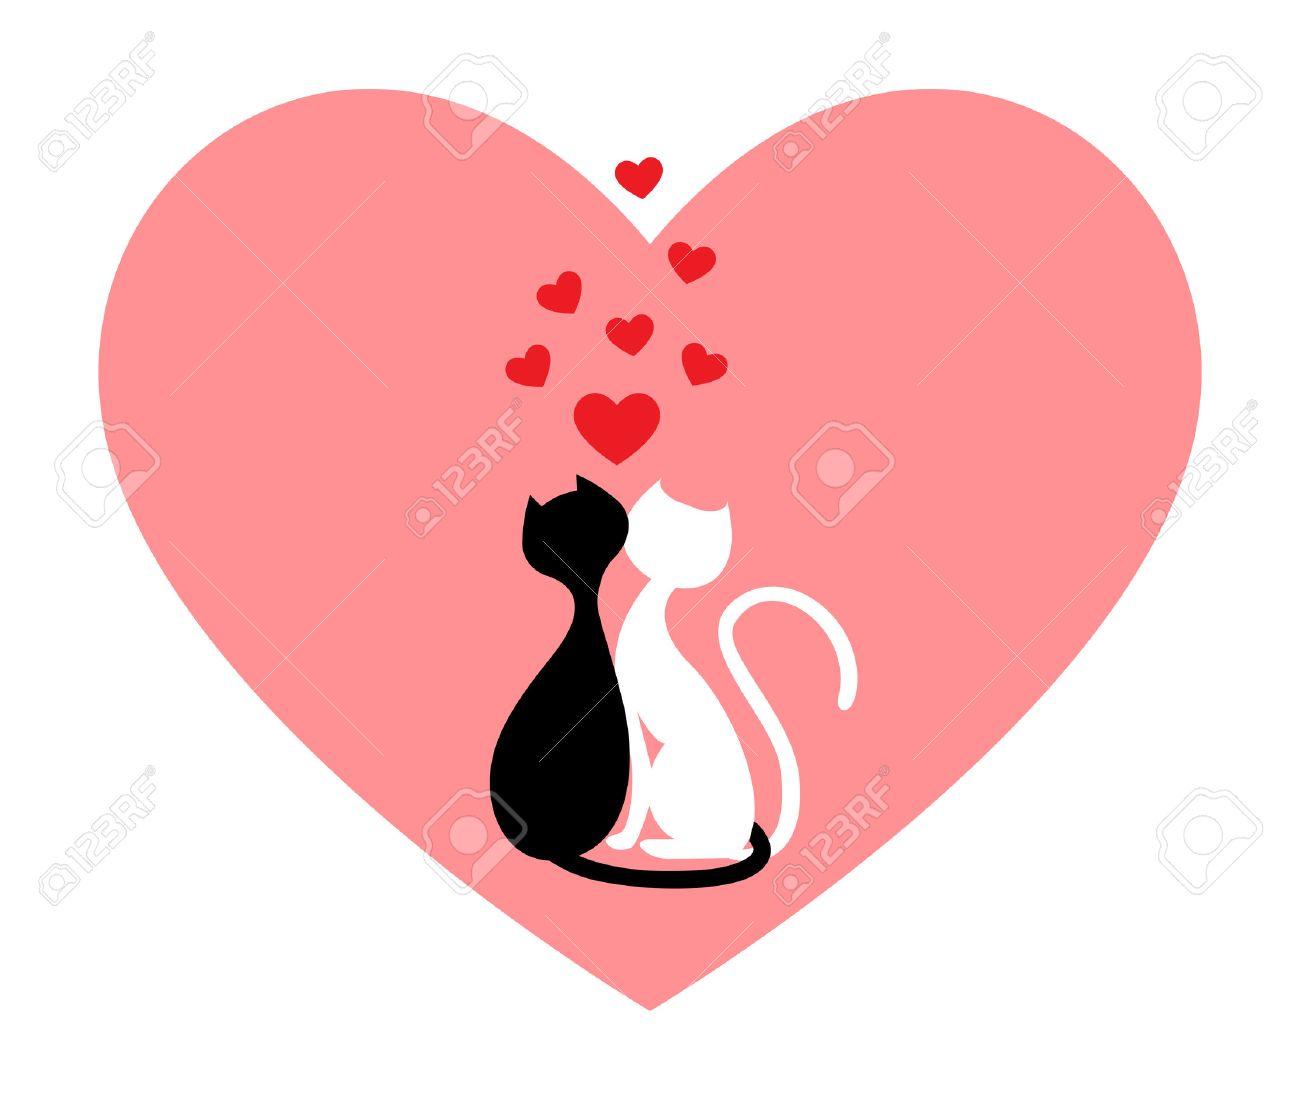 Foto de archivo , Gato negro y gato blanco, lado a lado en corazón Rosa